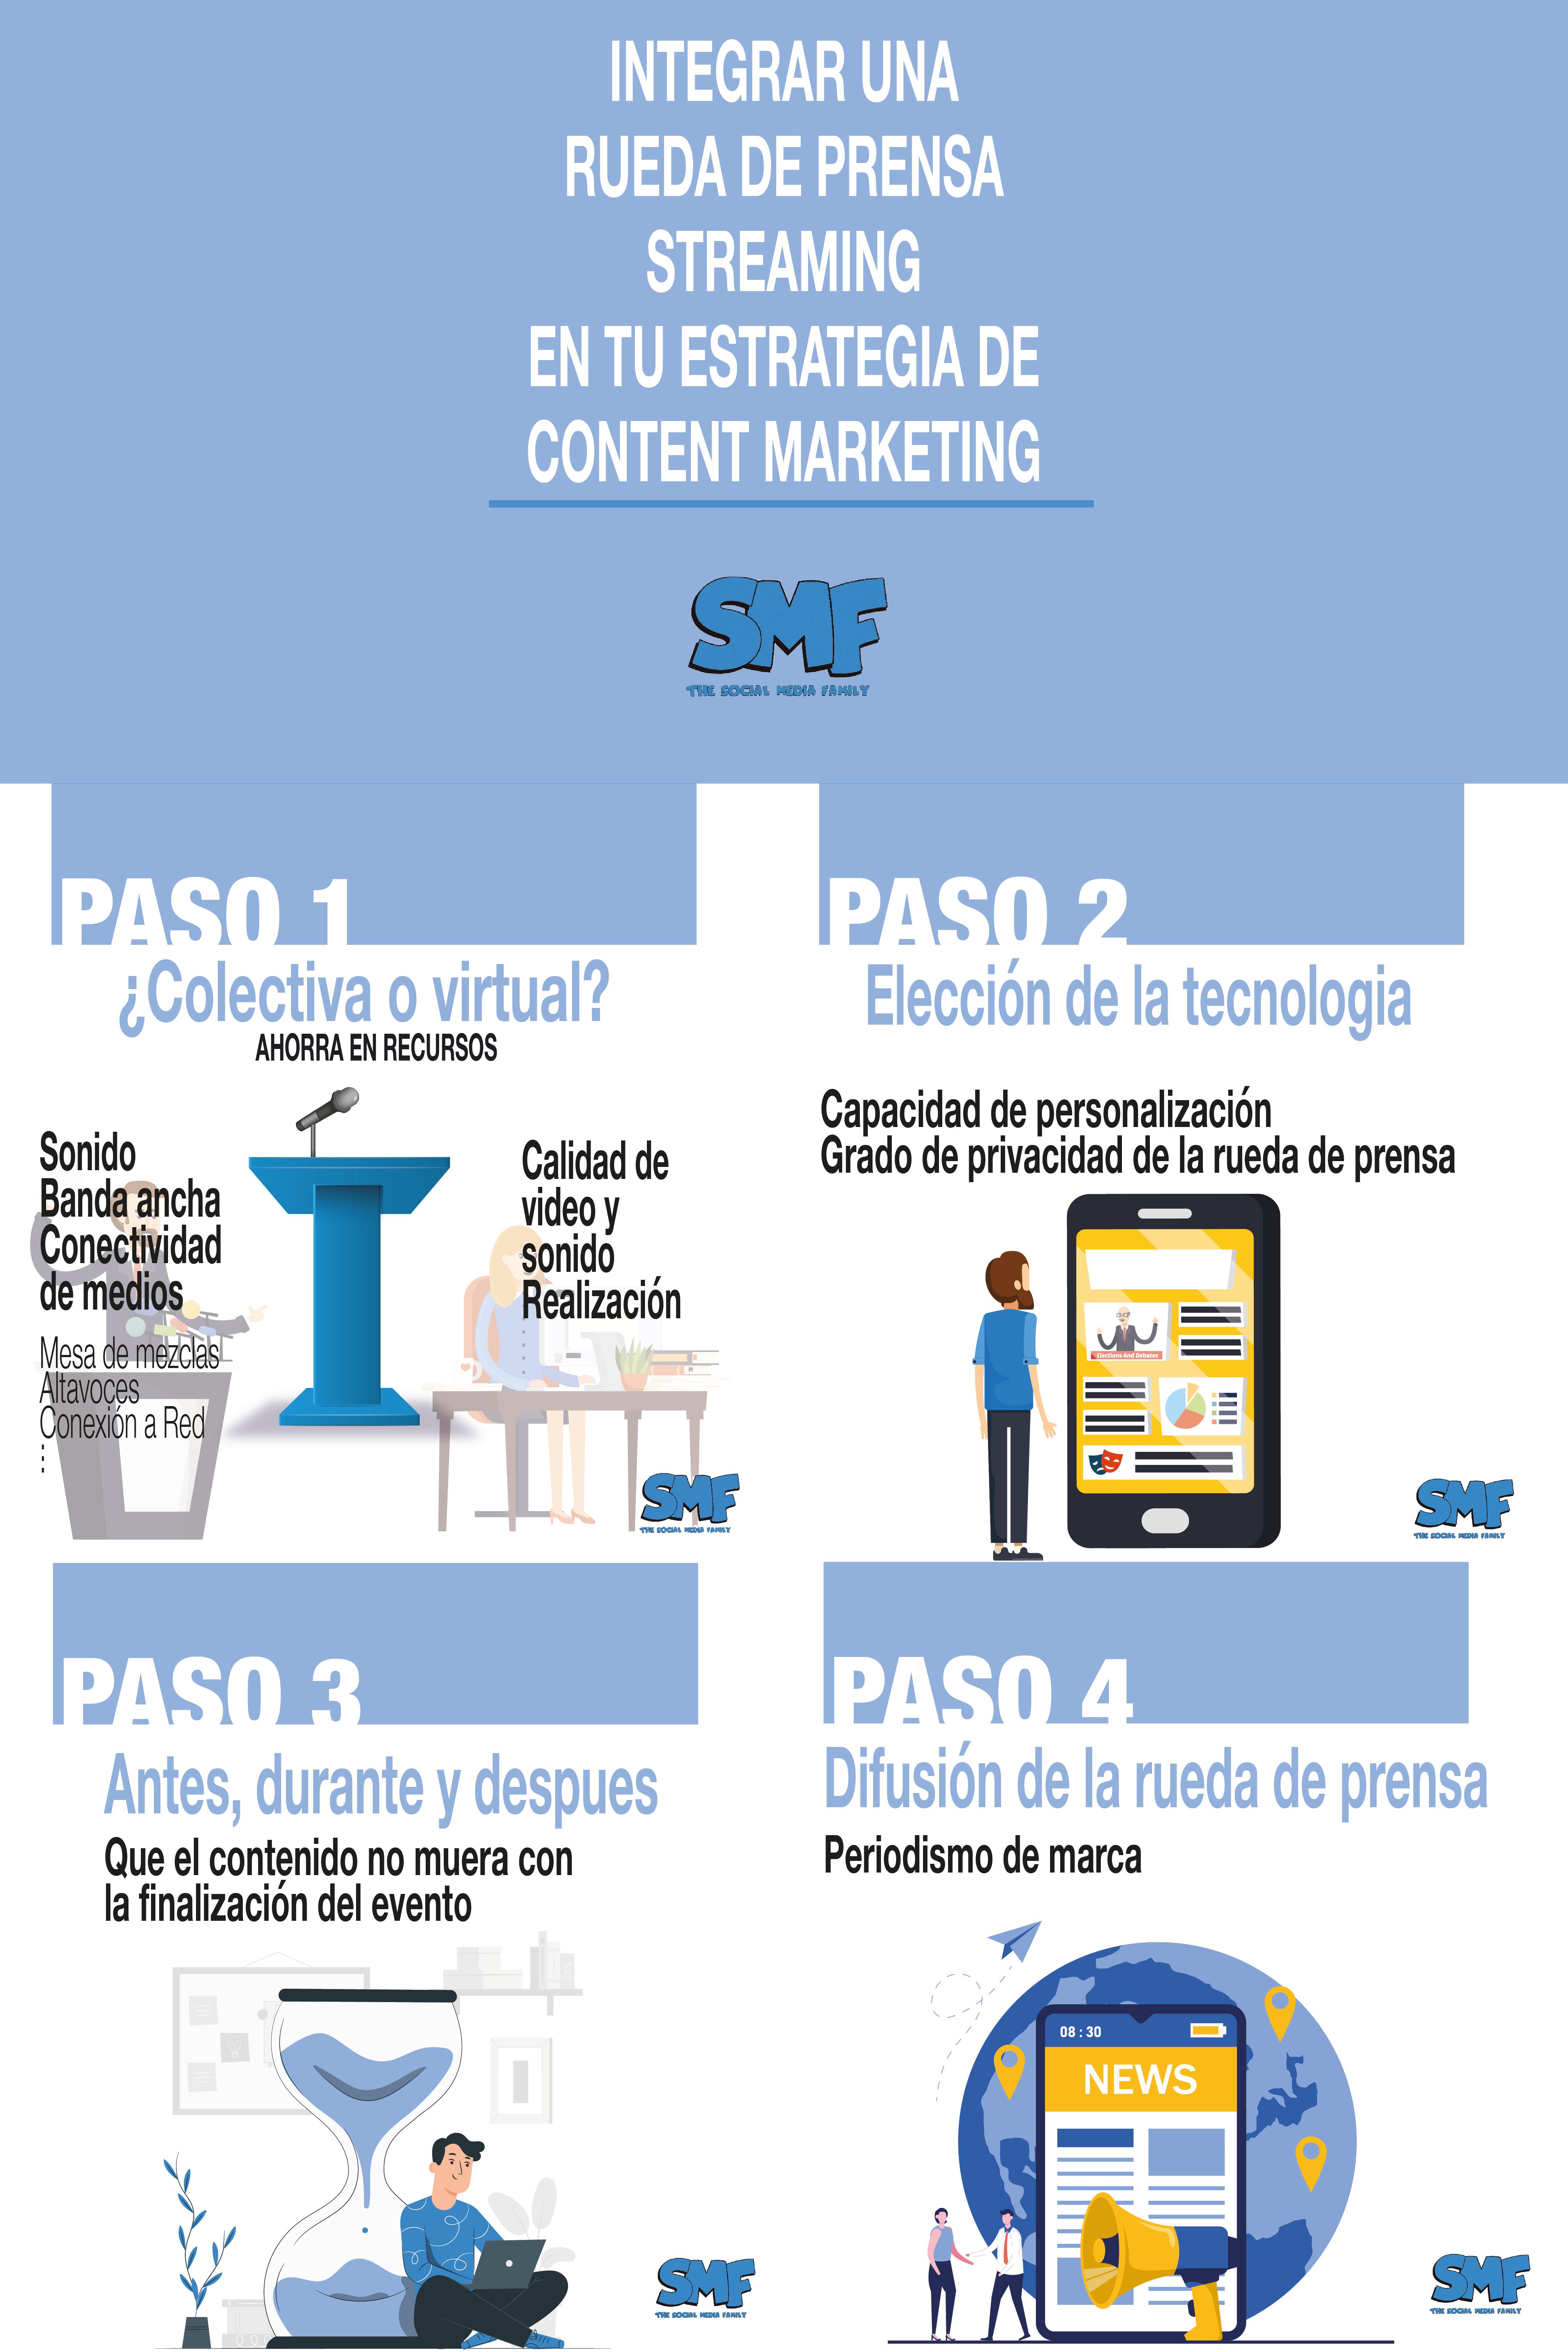 infografia-smf-rueda-de-prensa